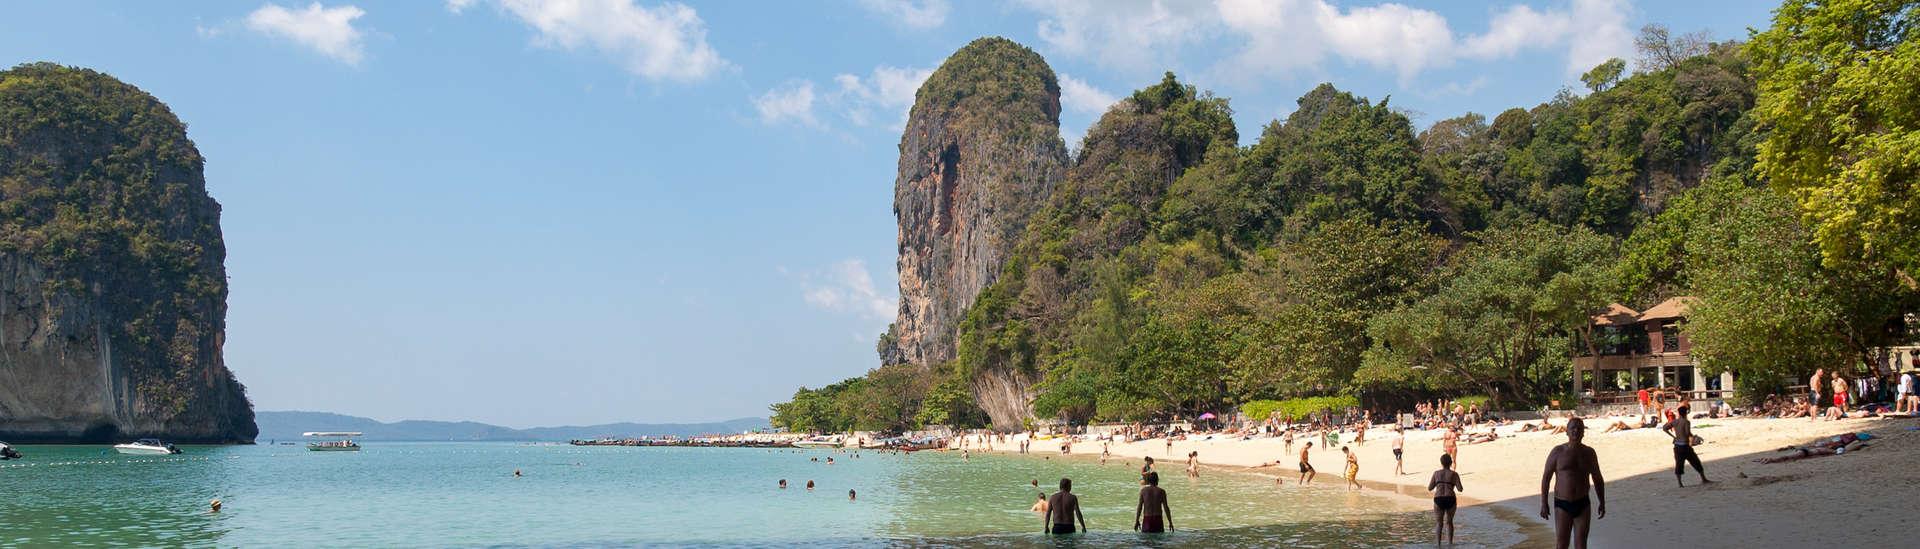 Tajlandia.2009-150.jpg